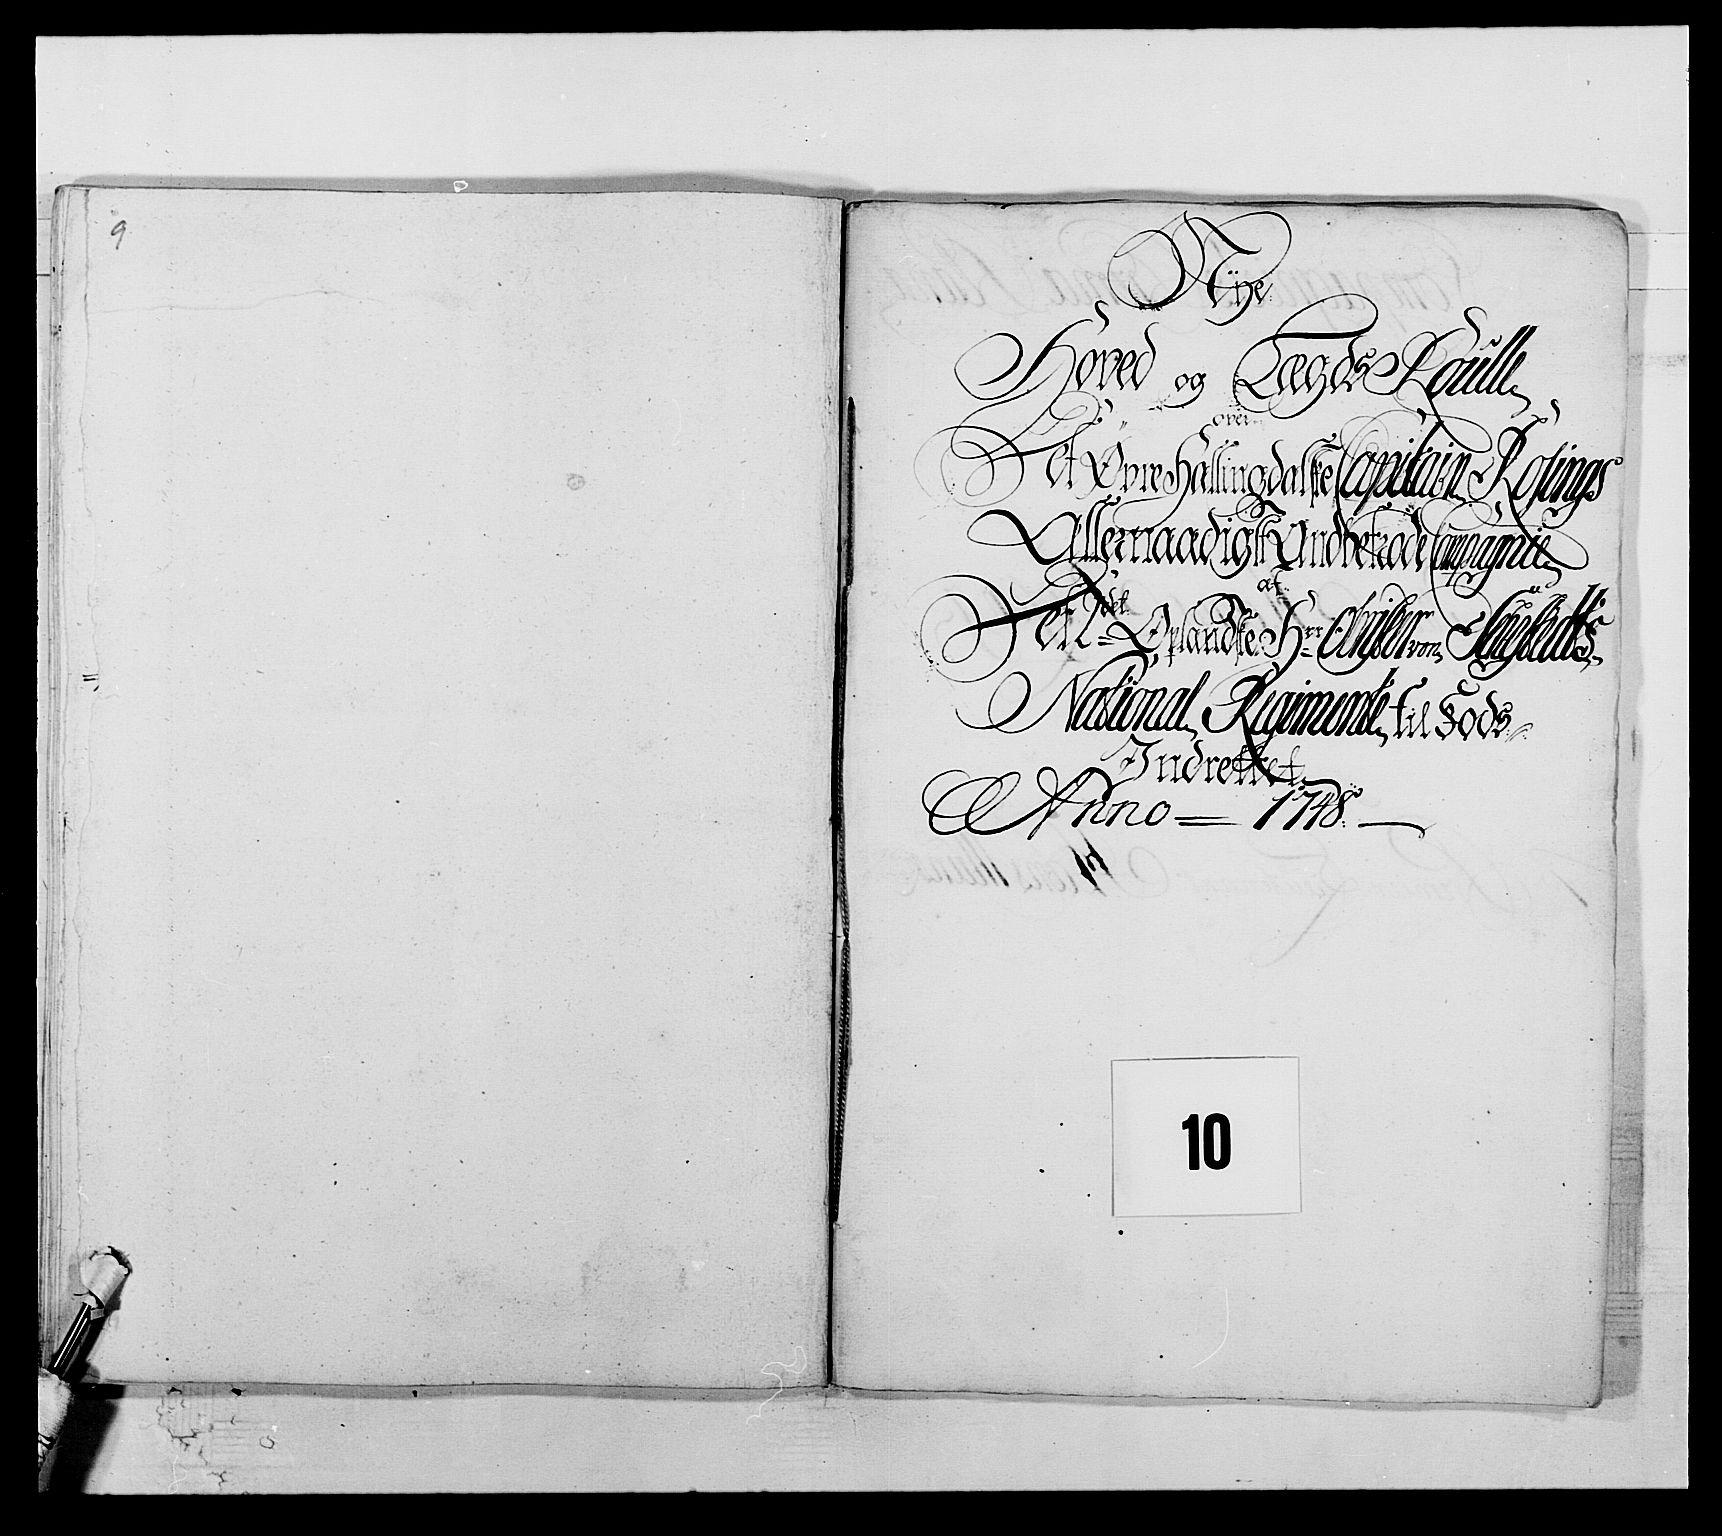 RA, Kommanderende general (KG I) med Det norske krigsdirektorium, E/Ea/L0505: 2. Opplandske regiment, 1748, s. 277